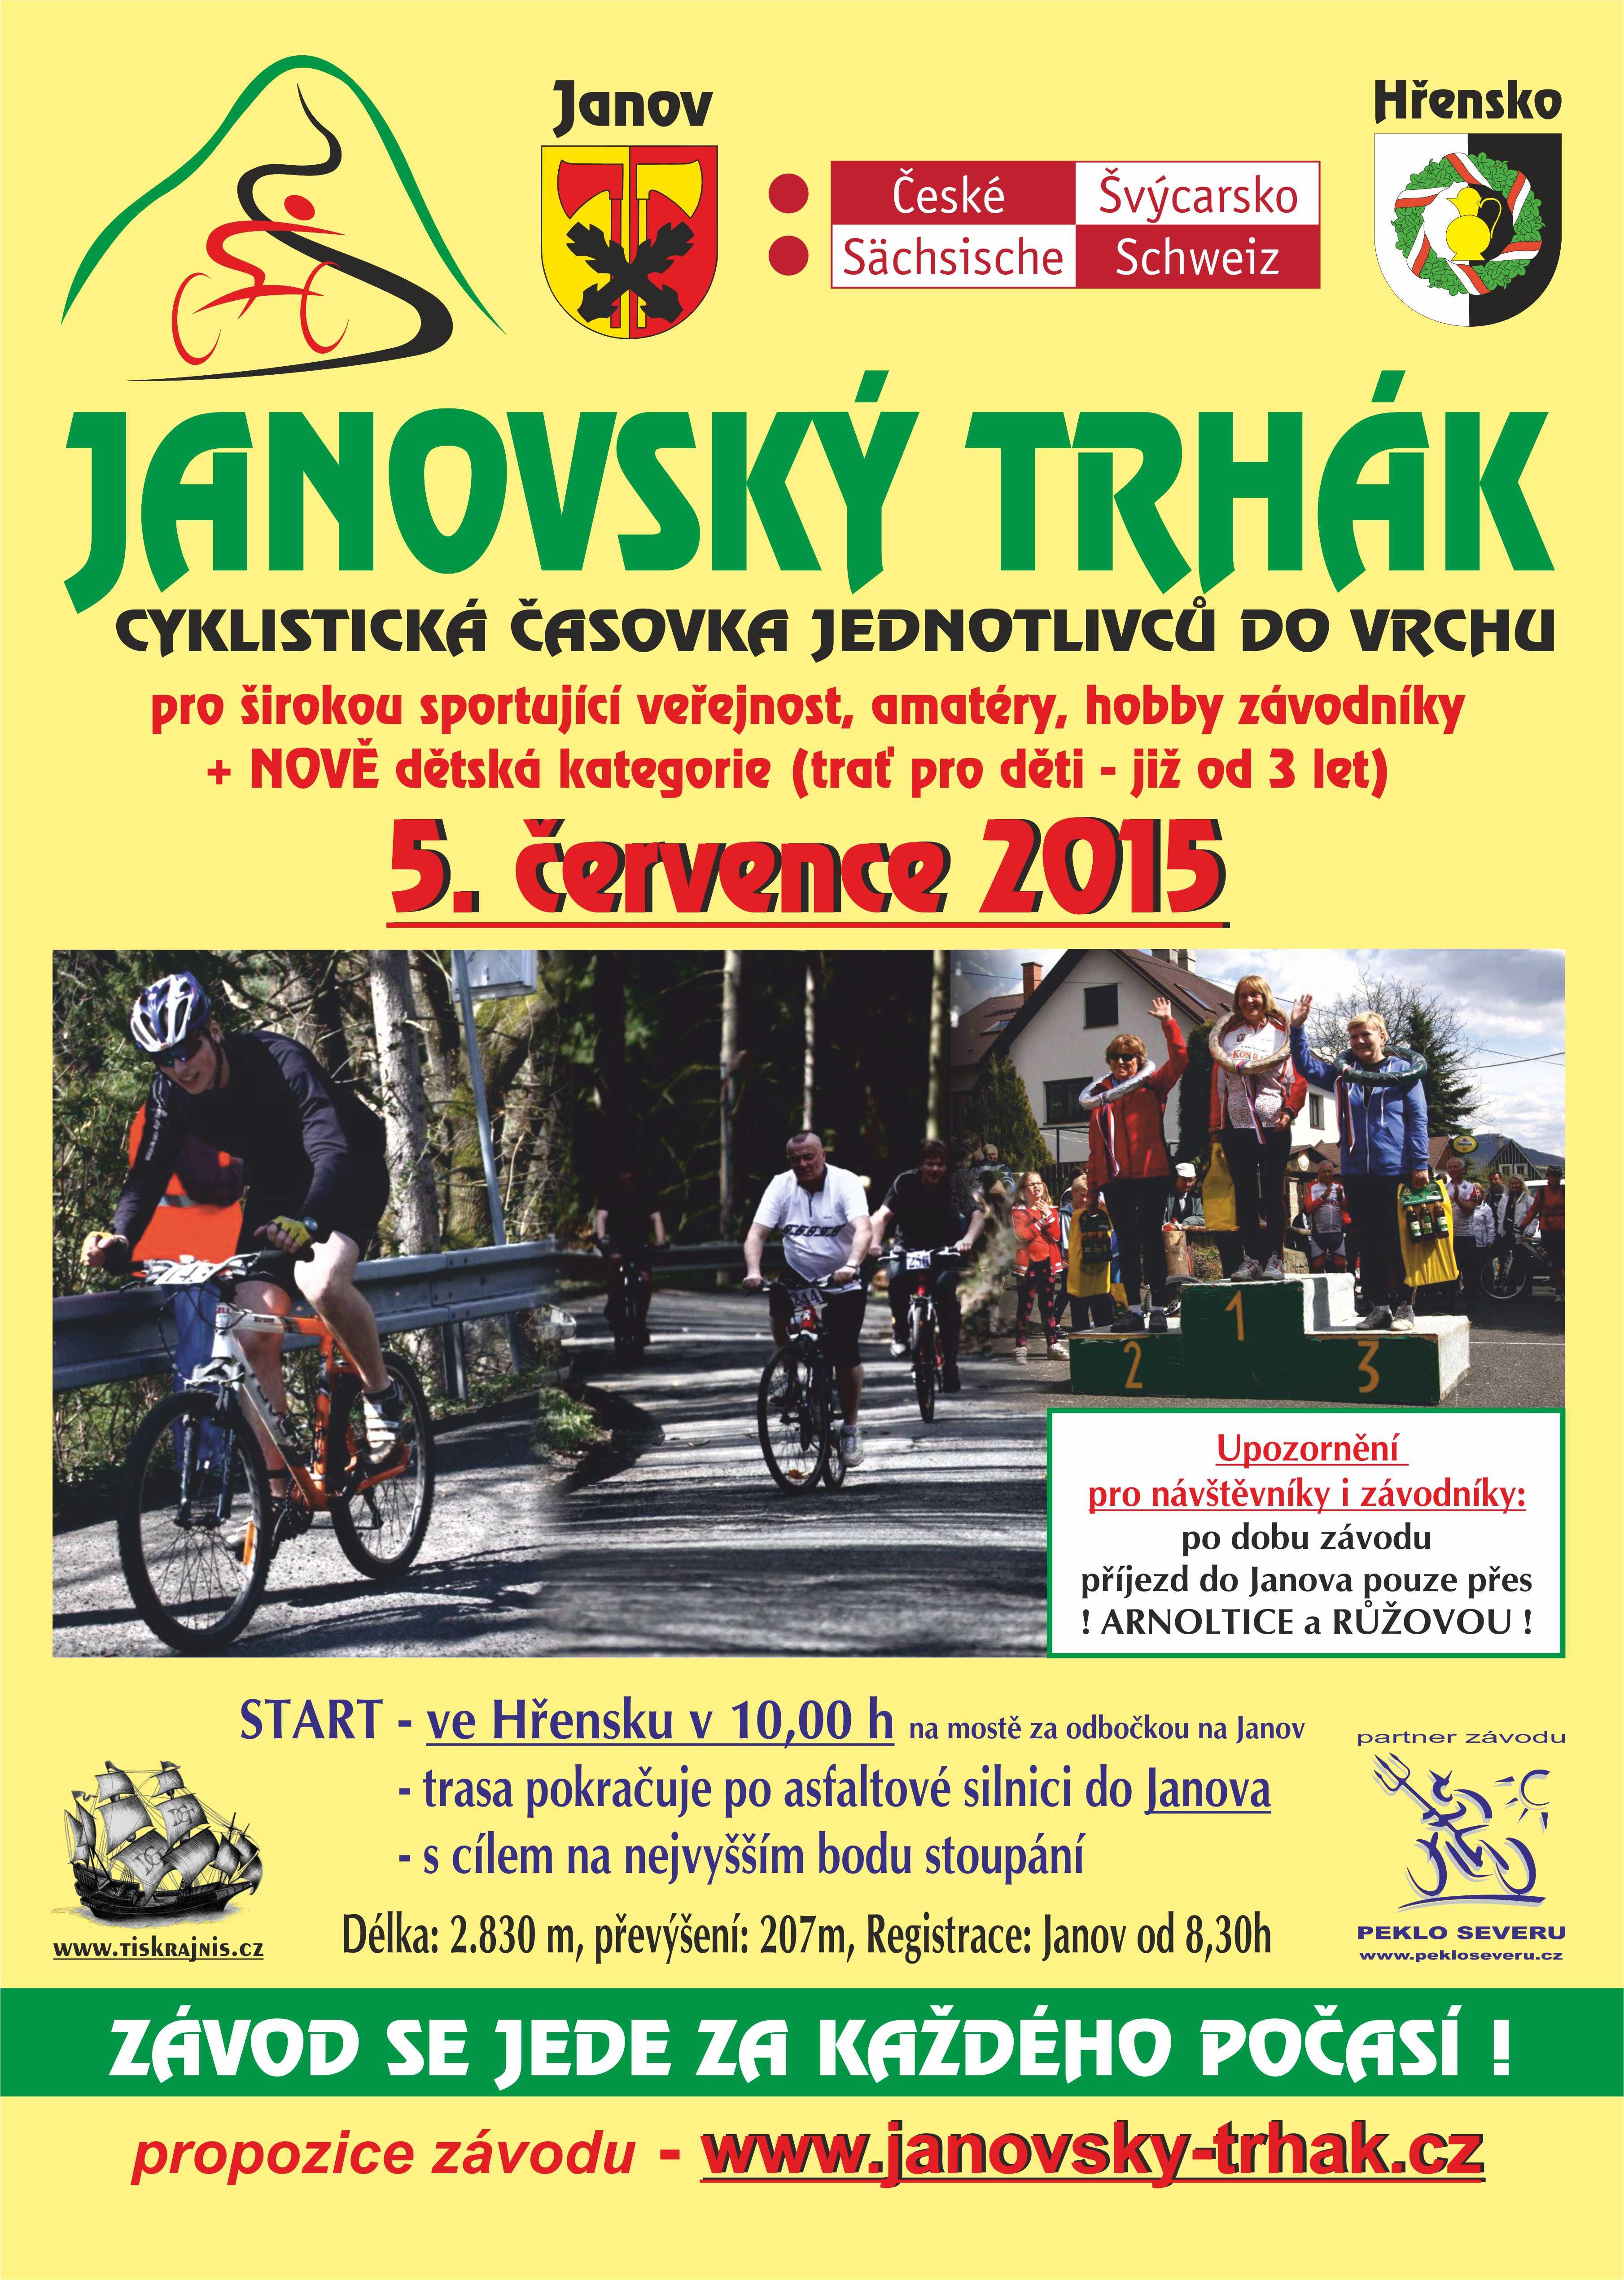 Janov - plakát 2015 Janovský trhák